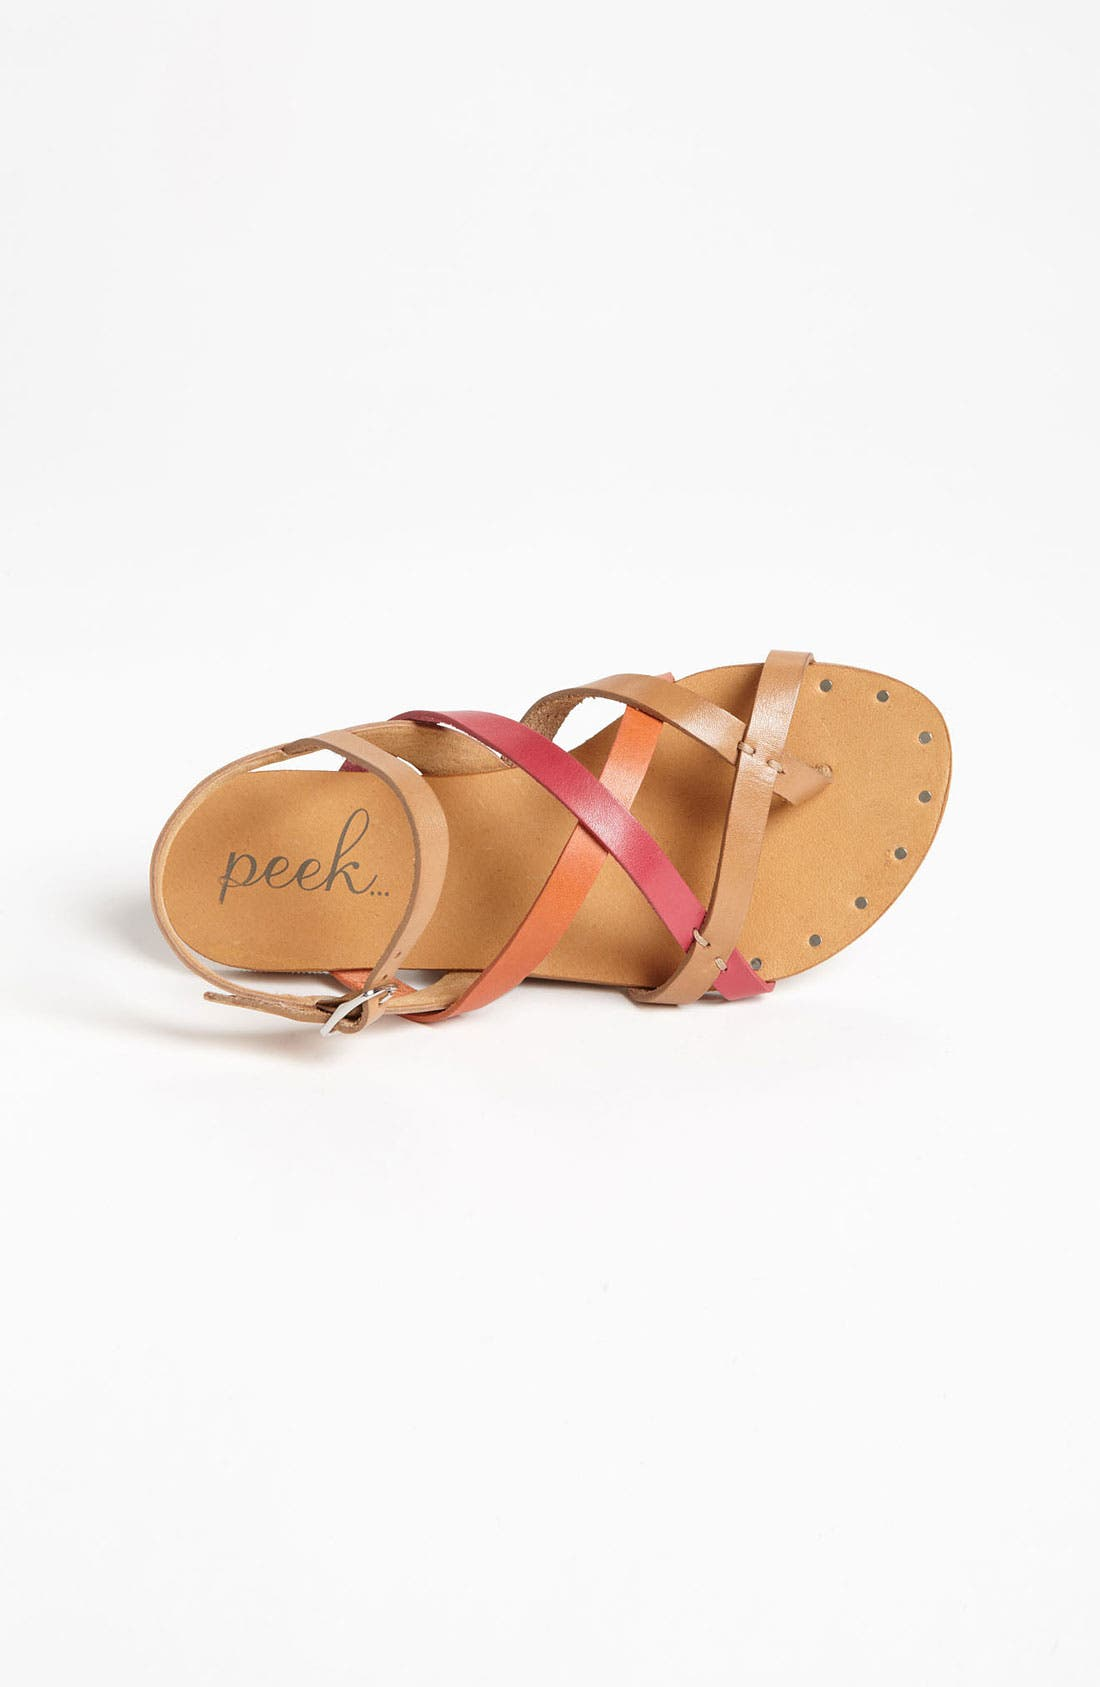 Alternate Image 3  - Peek 'Magnolia' Leather Sandal (Toddler, Little Kid & Big Kid)